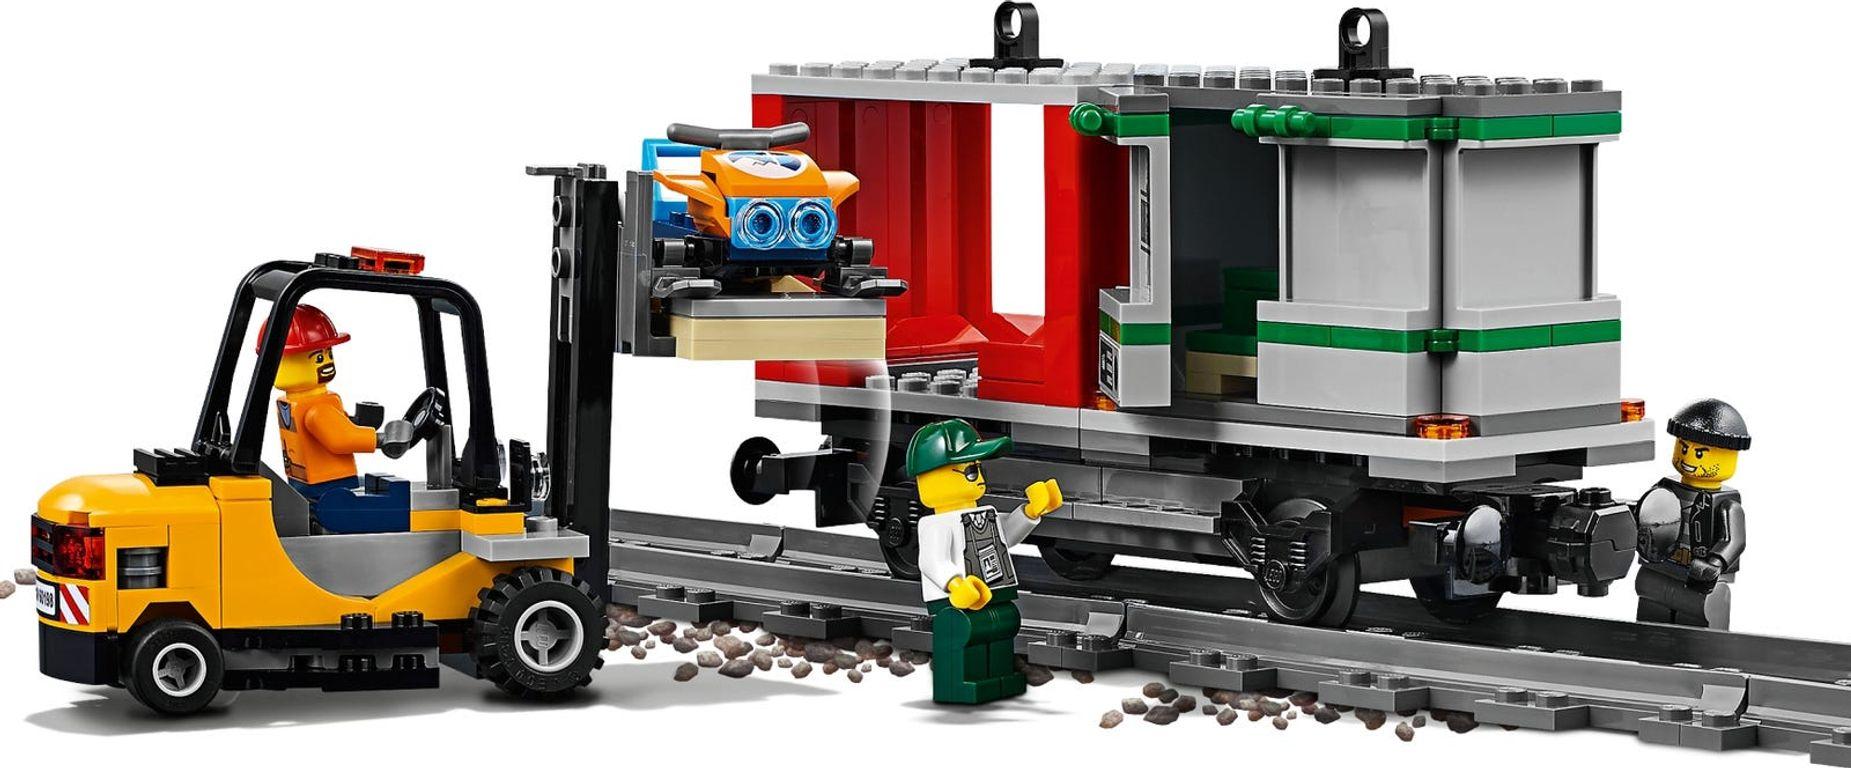 Cargo Train gameplay